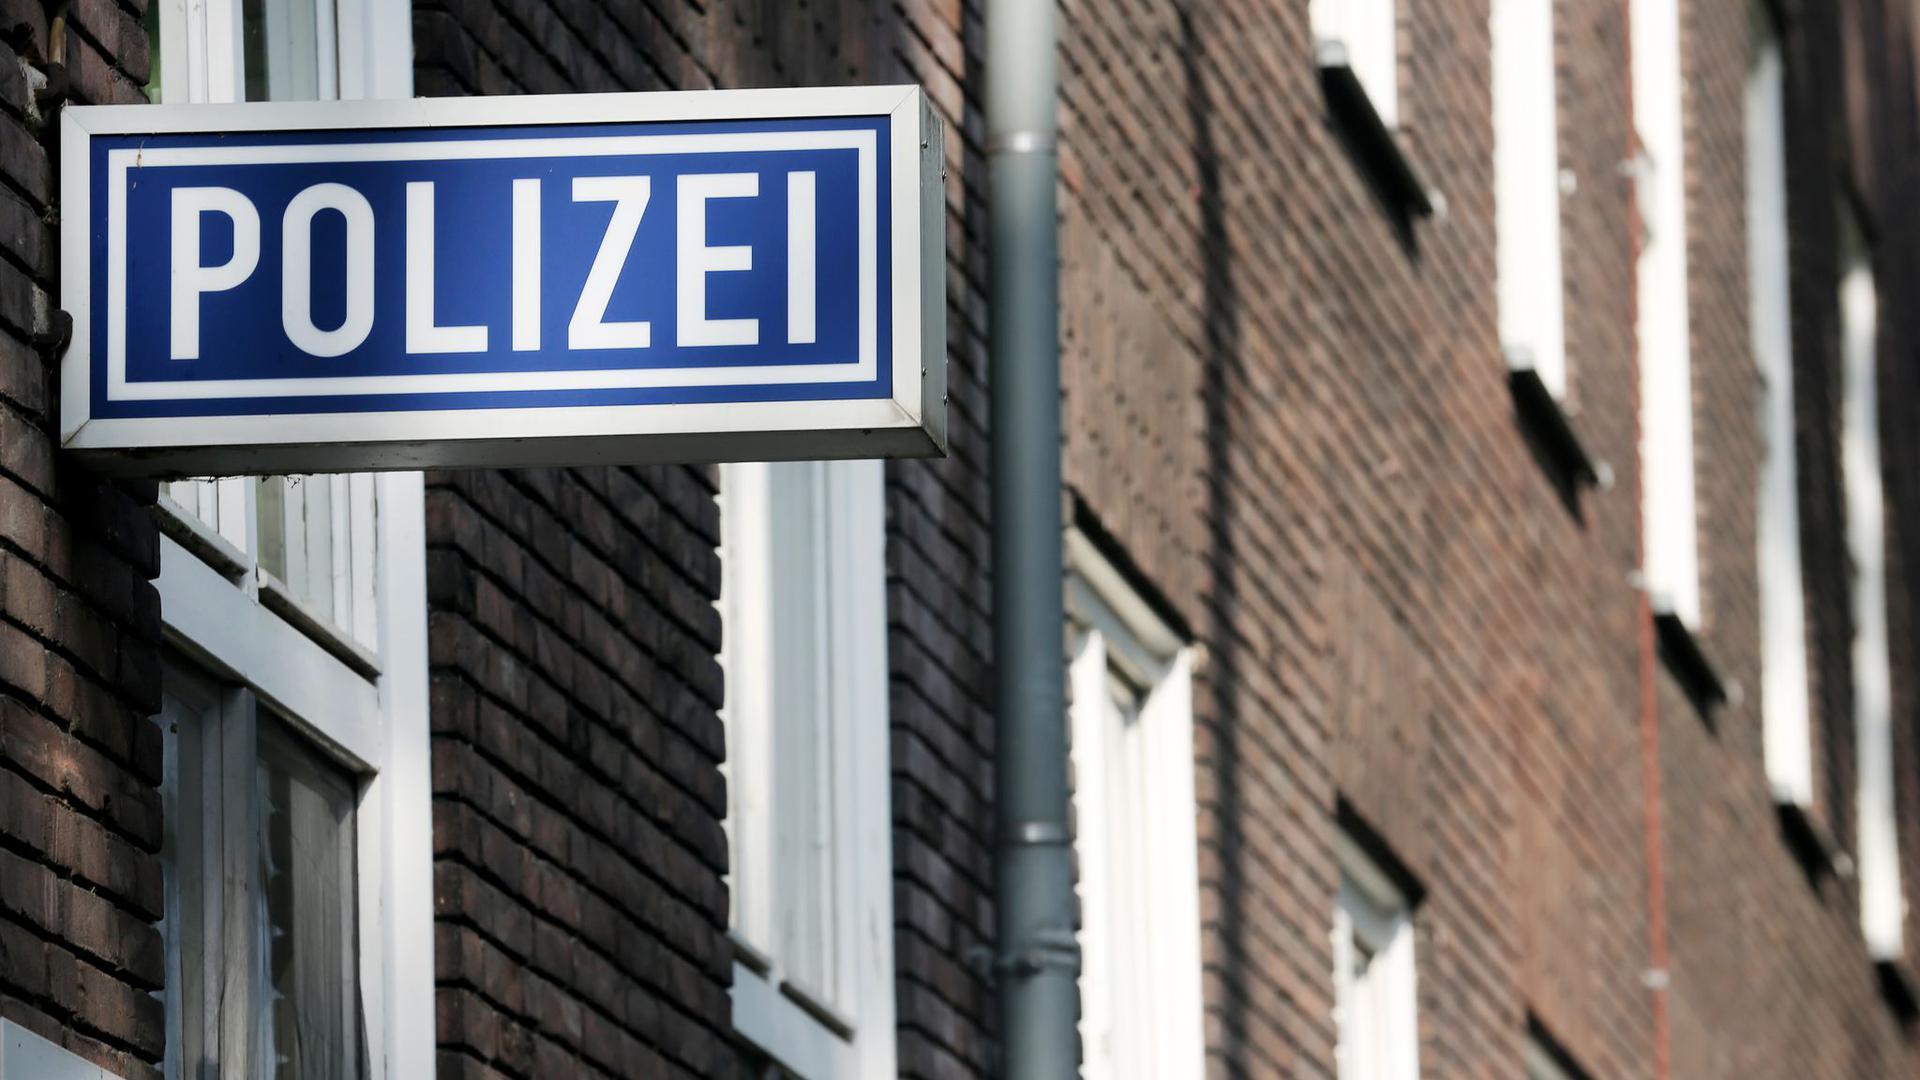 Ein Polizei-Schild hängt am Polizeipräsidium in Mülheim an der Ruhr.